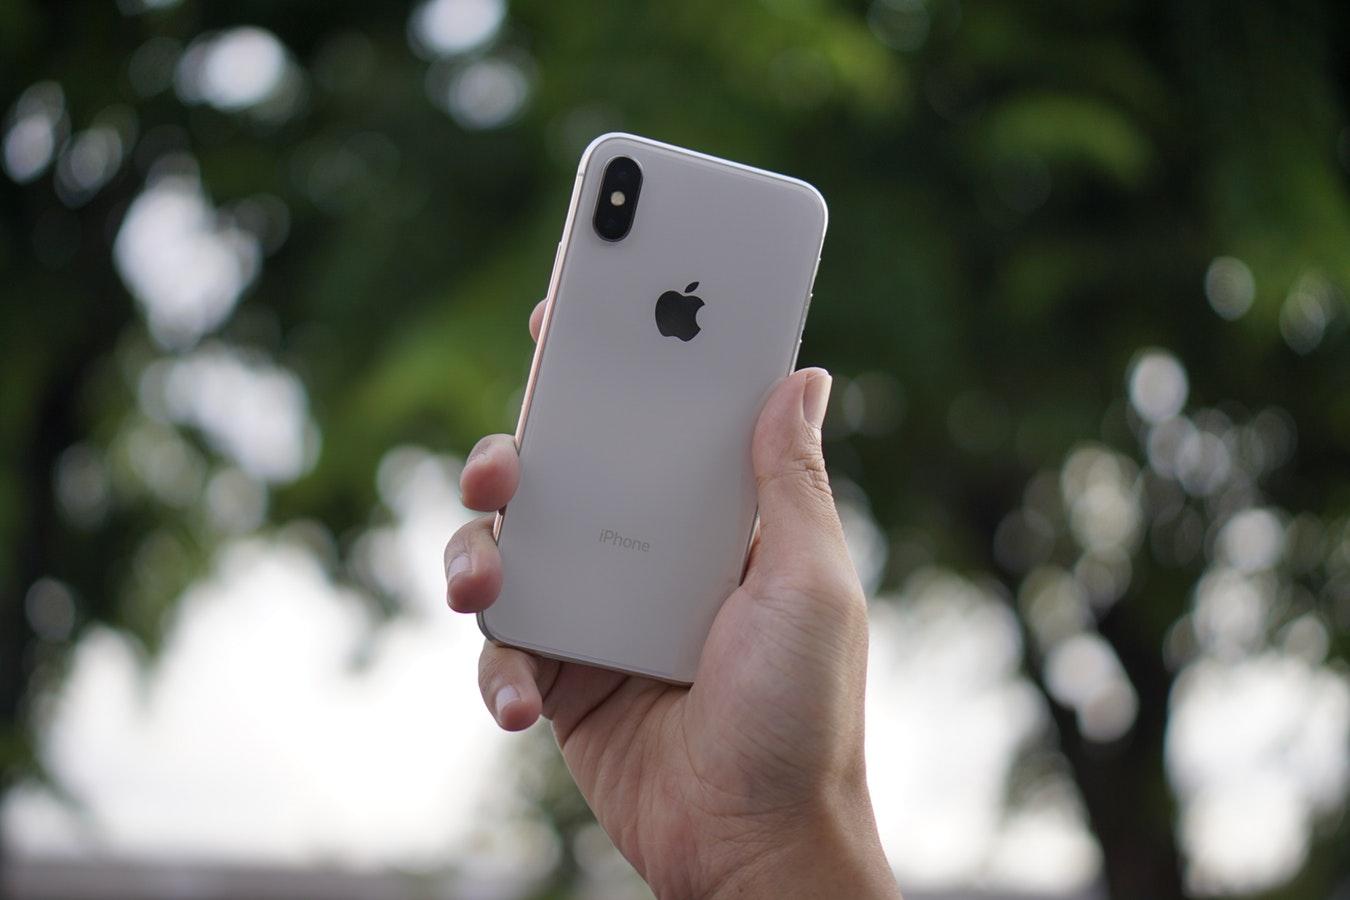 苹果承诺确保 iPhone 用户知晓电池状态